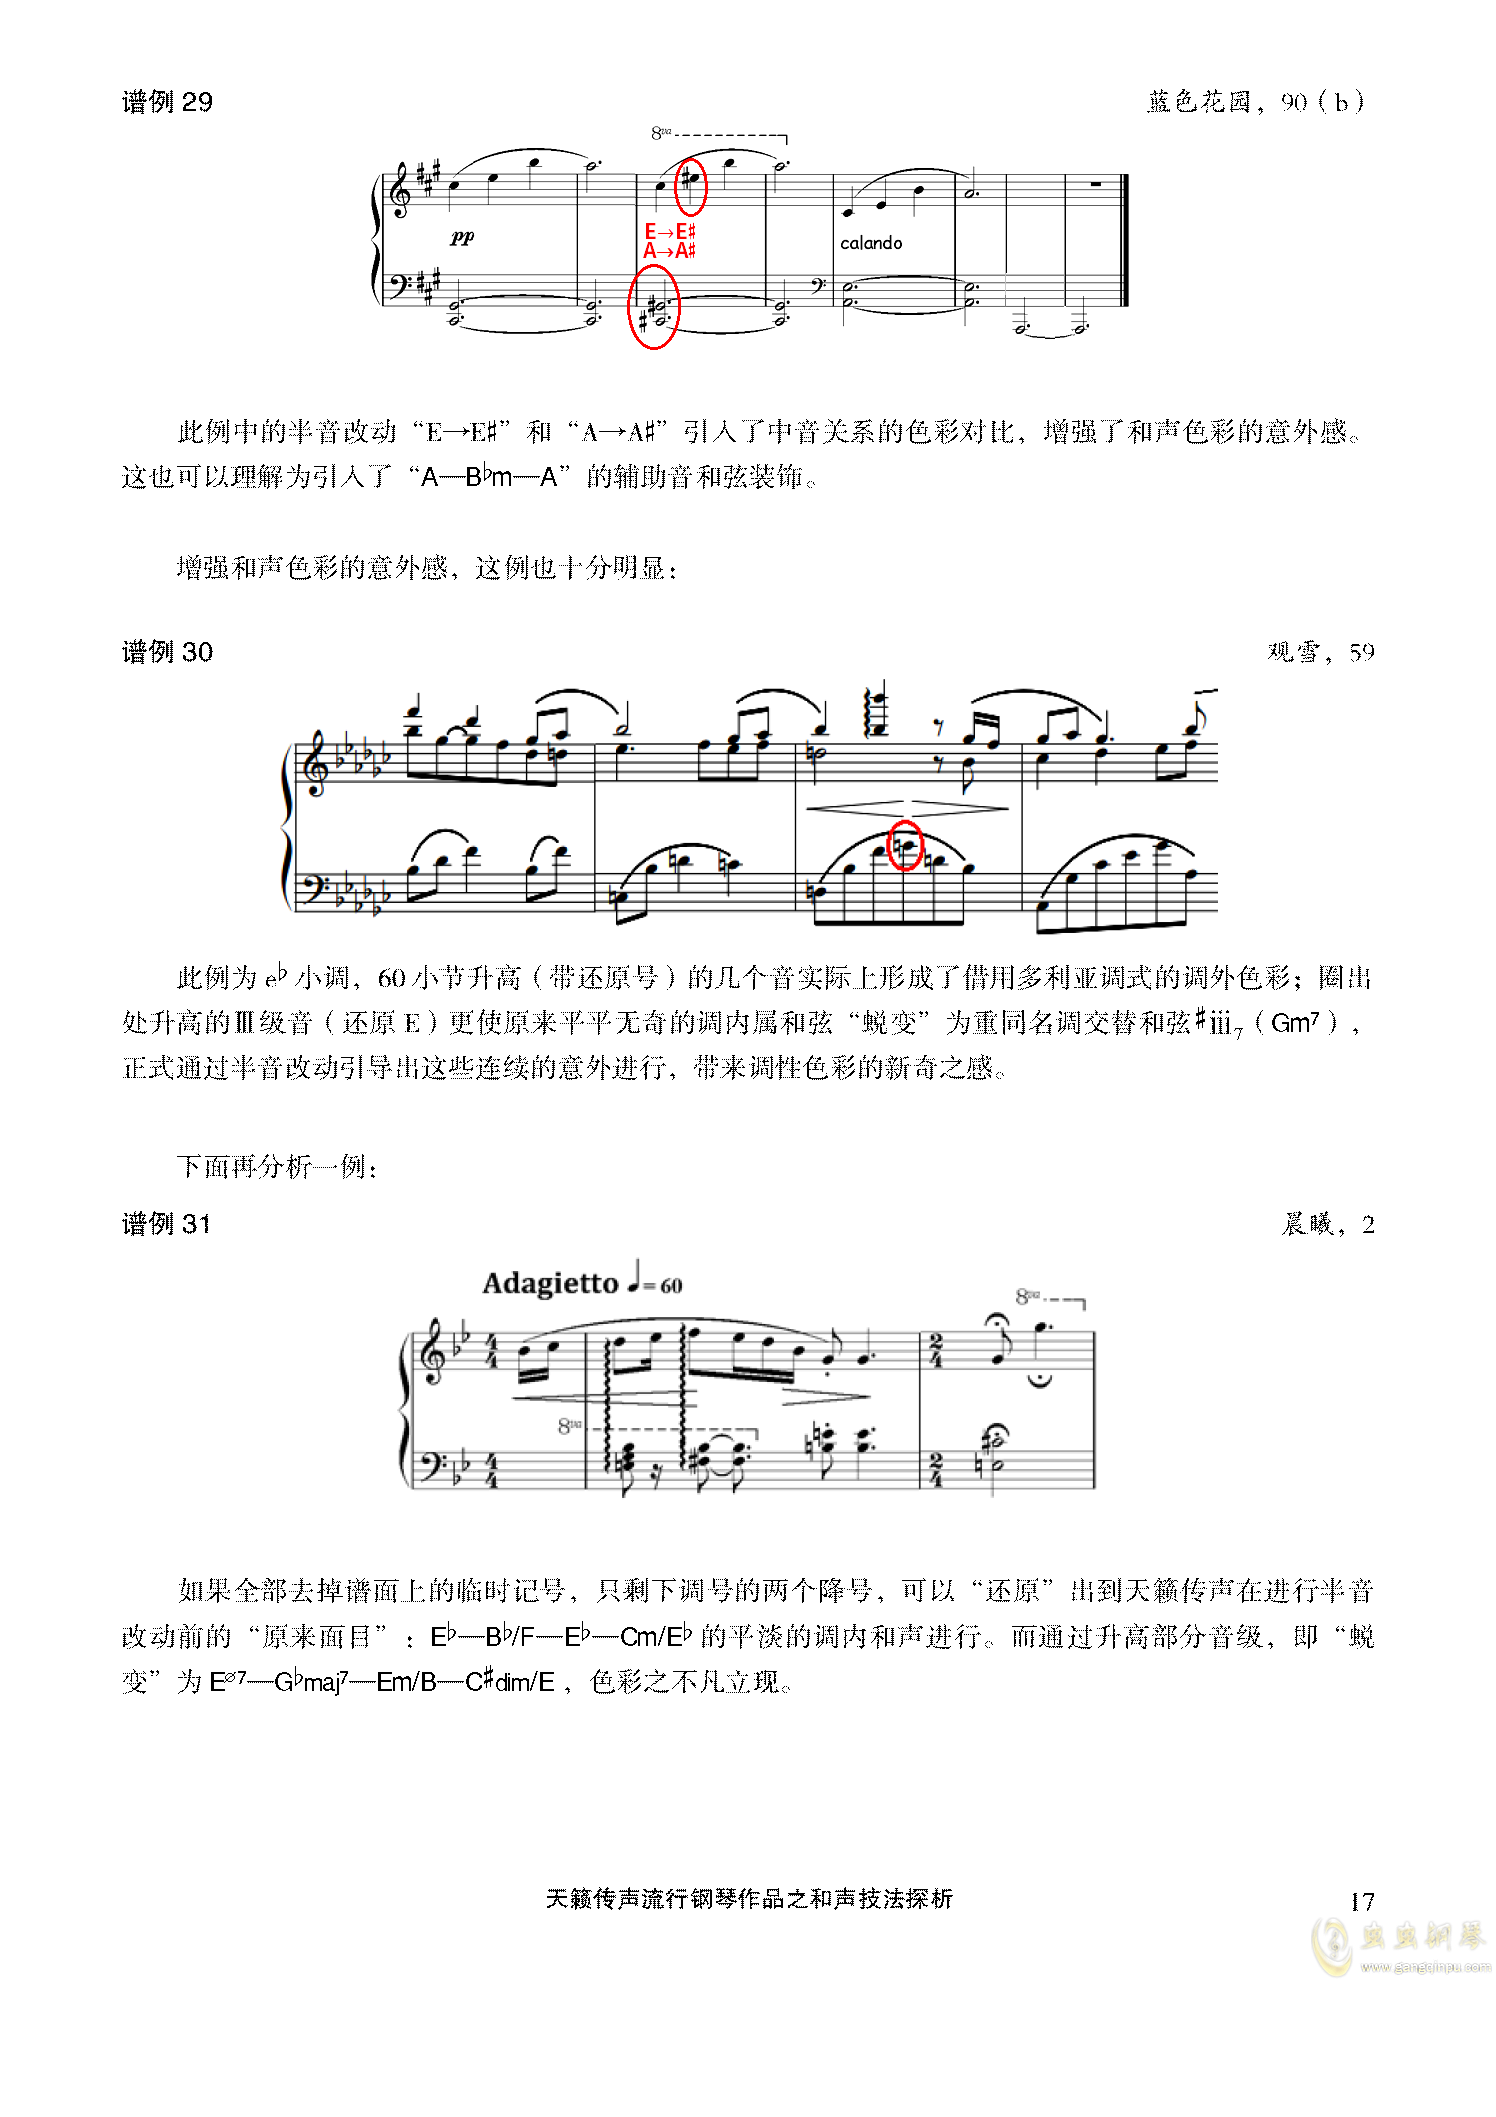 天籁传声和声技法探析澳门星际官网 第17页